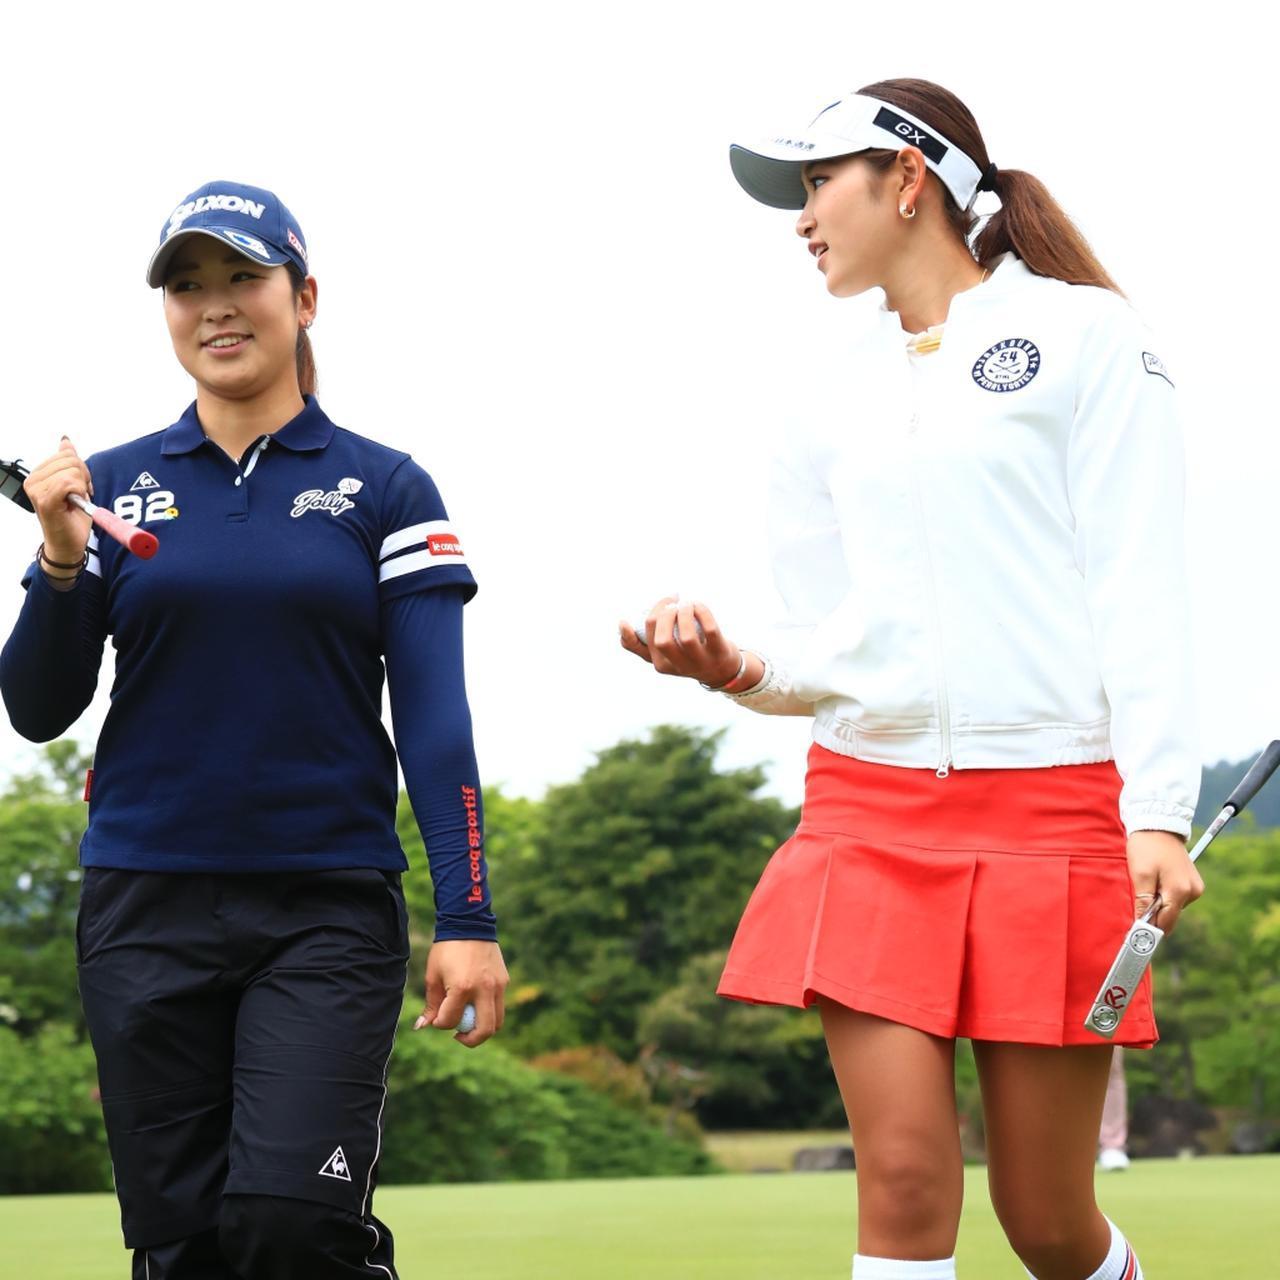 画像: 今シーズン注目の原英莉花(右)と田村亜矢(左)。ともにジャンボこと尾崎将司の直接指導を受けている